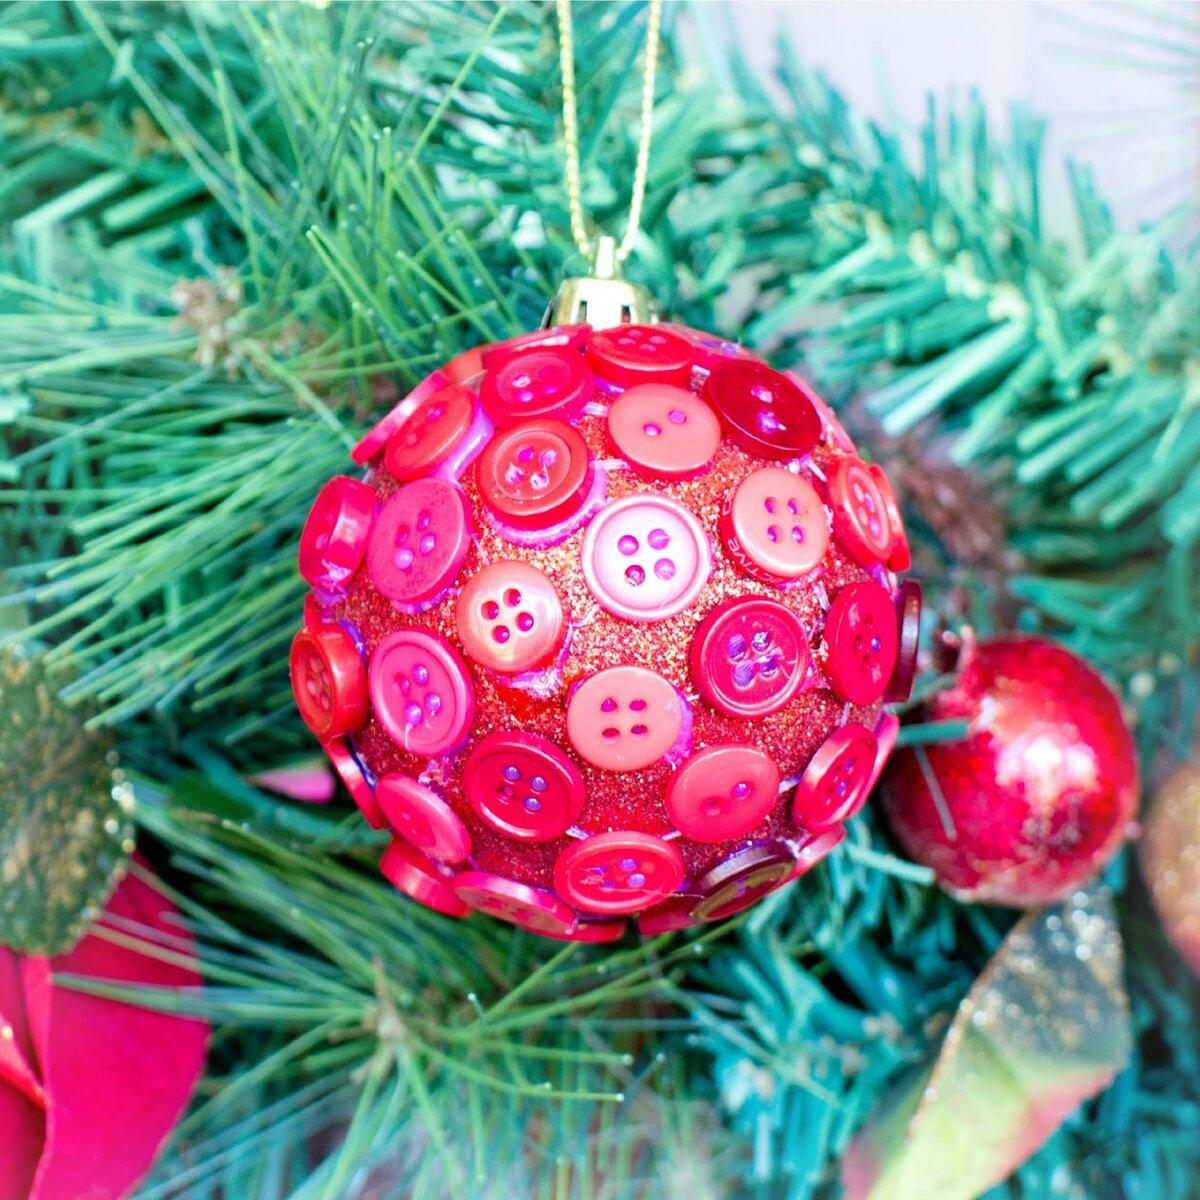 Картинки новогодние игрушки своими руками на елку, сделать